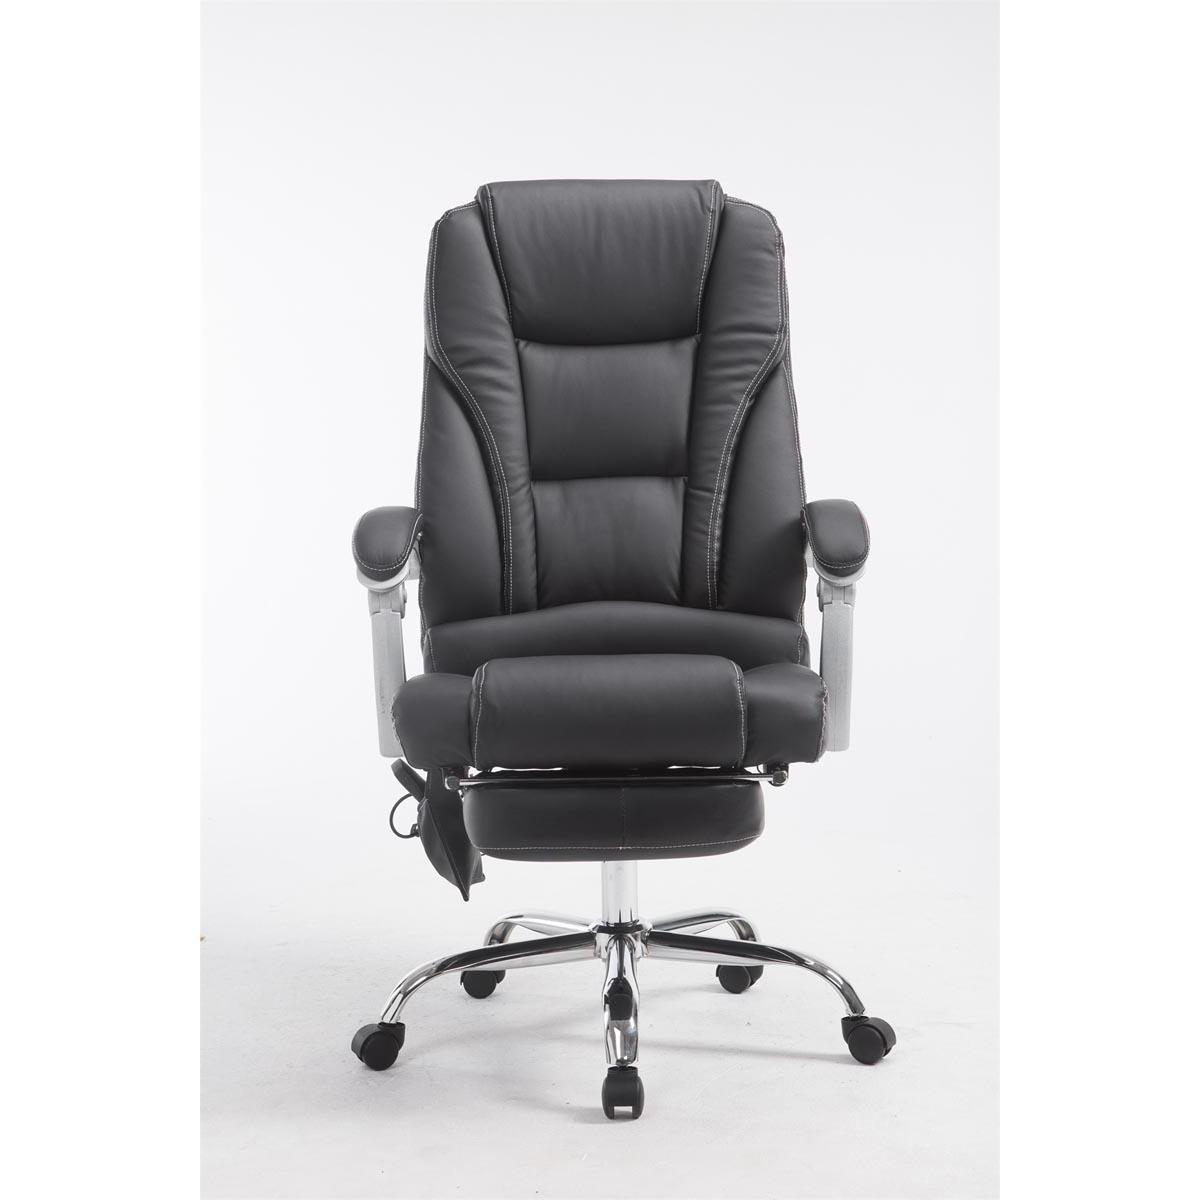 Poltrona da ufficio comodity massage poggiapiedi - Poggiapiedi da ufficio ...